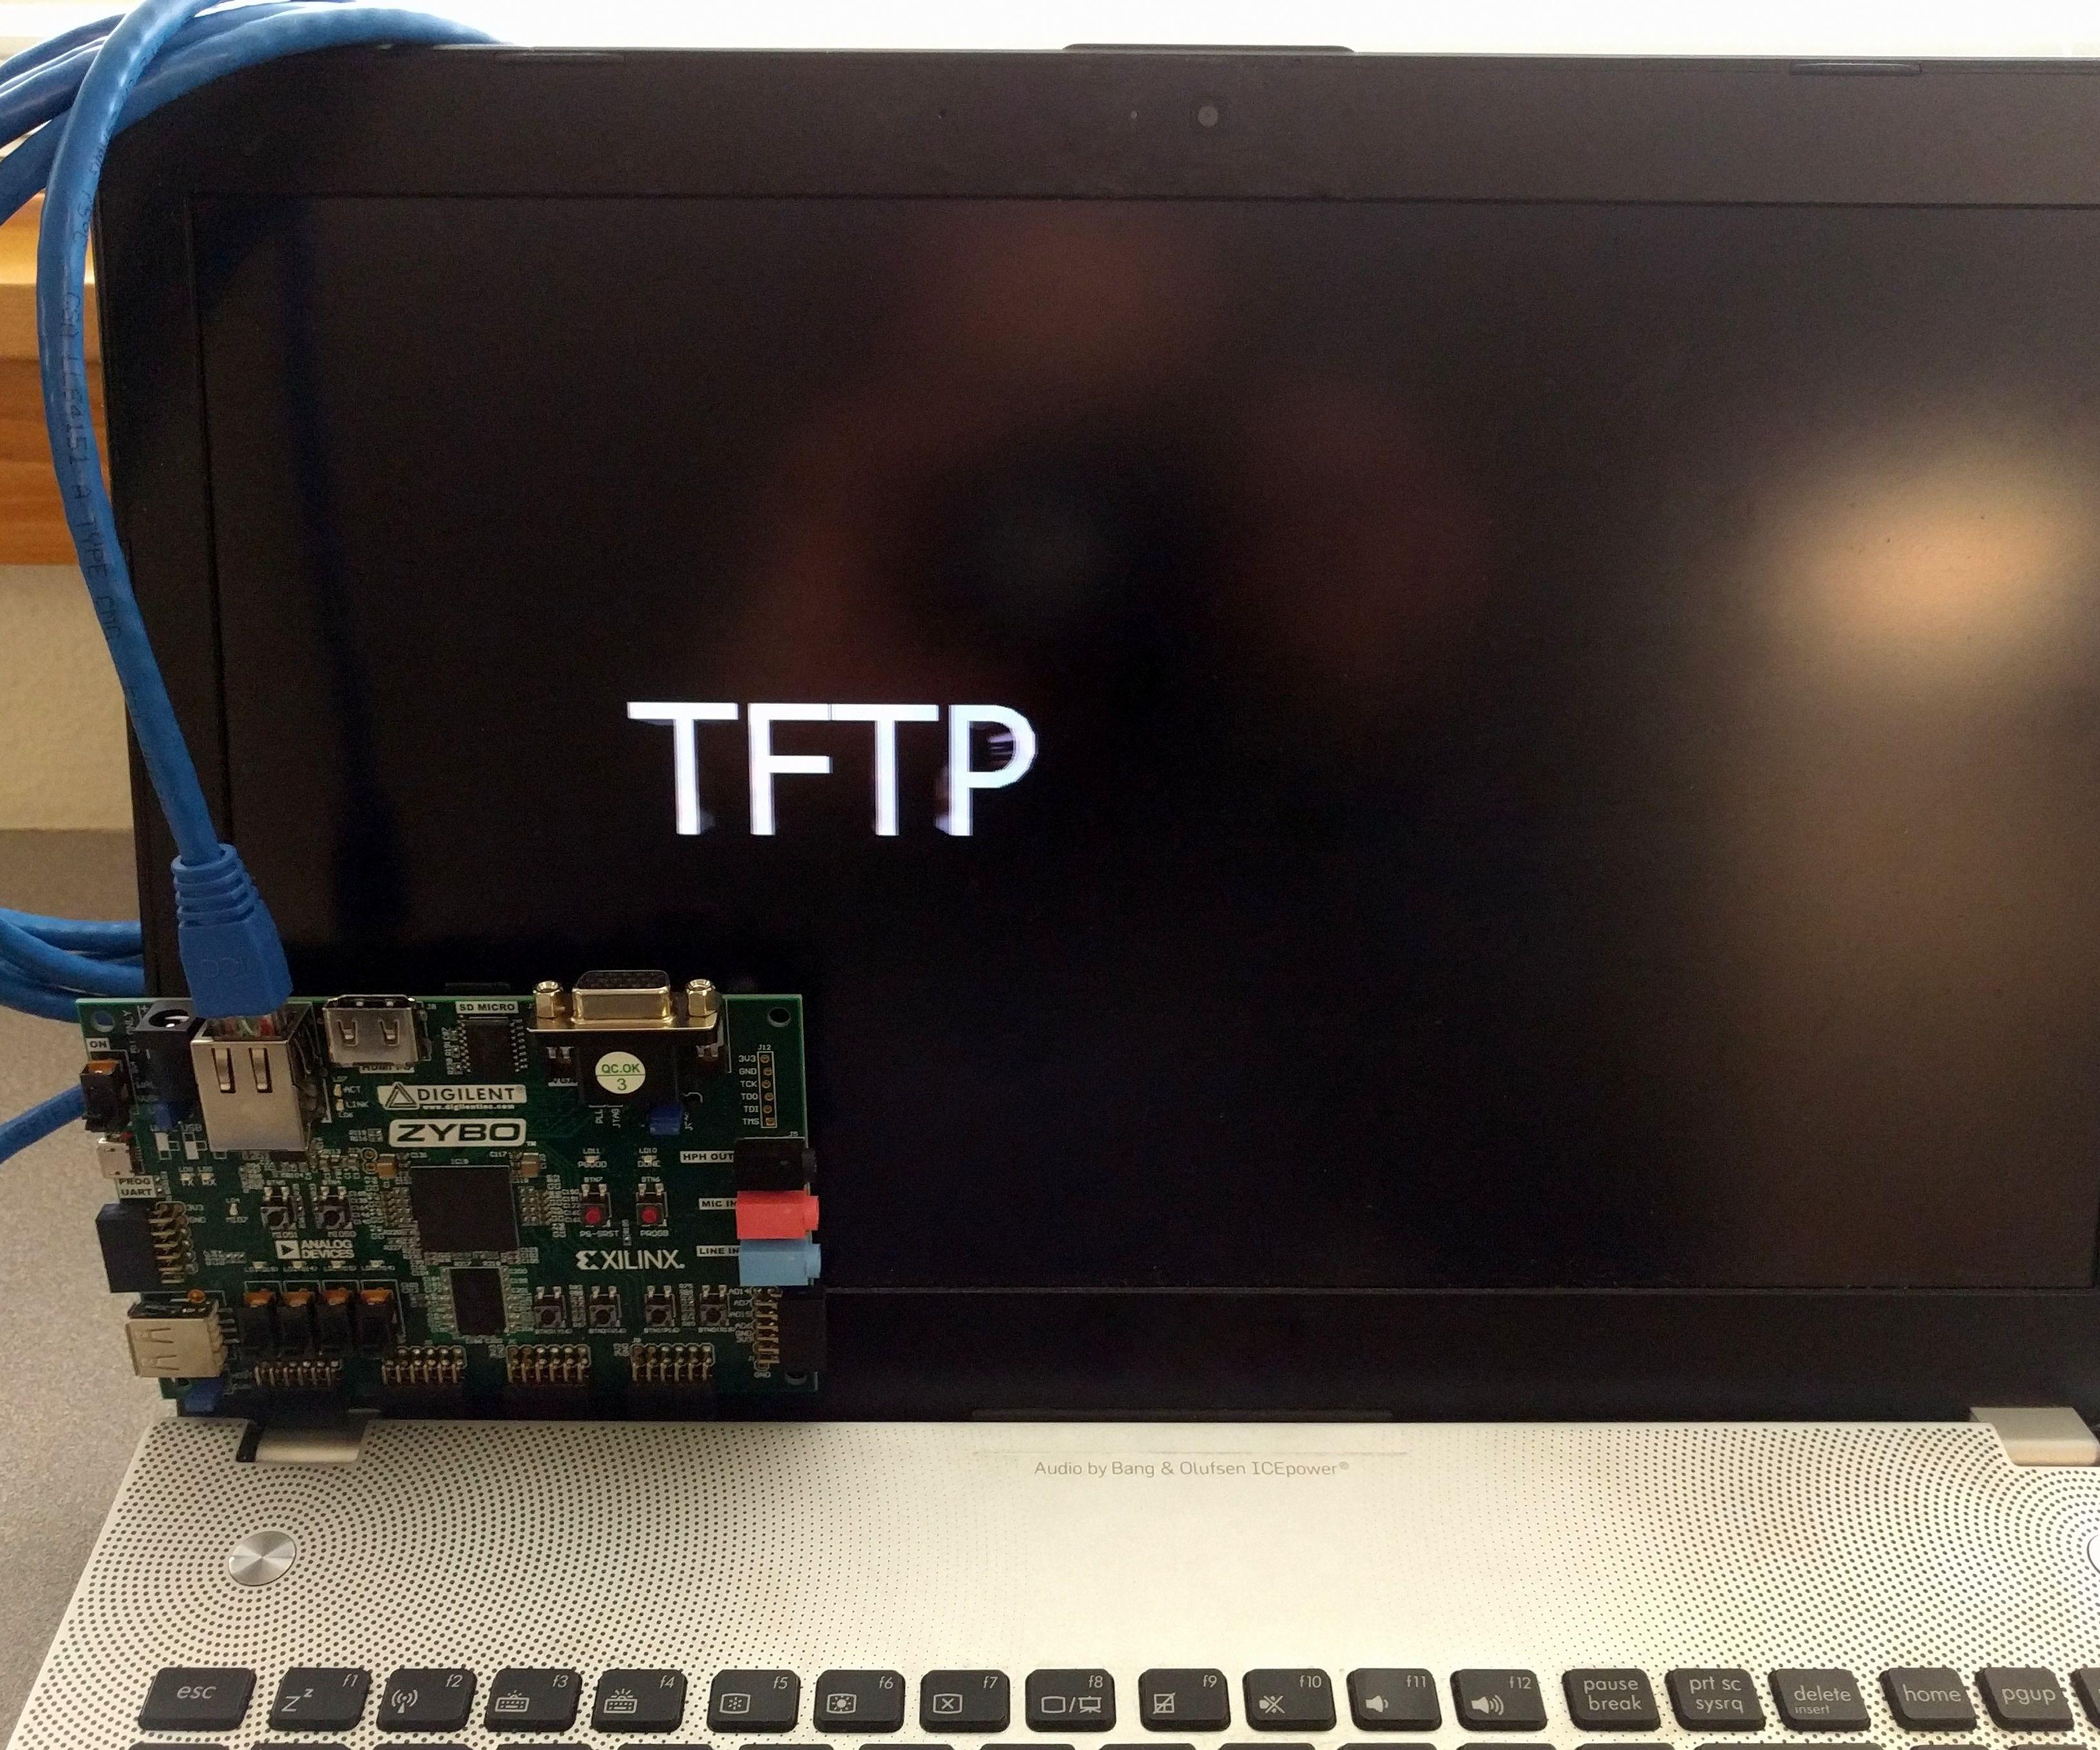 Setting Up TFTP Server for PetaLinux: 4 Steps